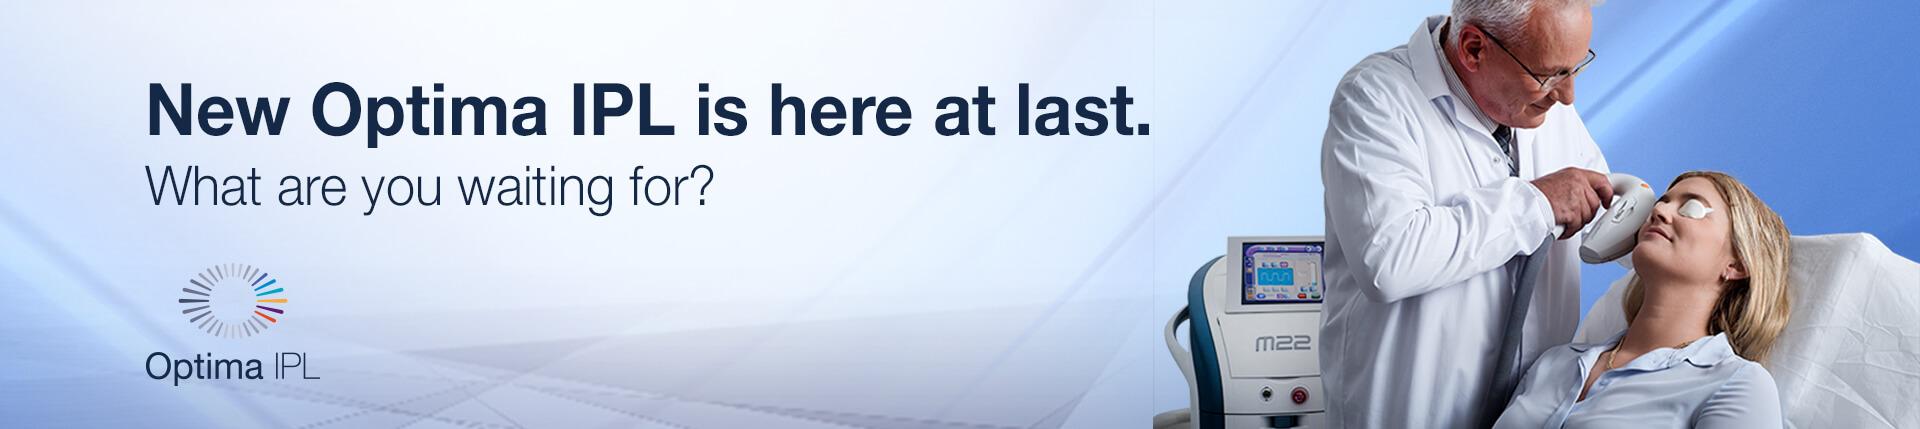 Optima IPL Website Banner 1